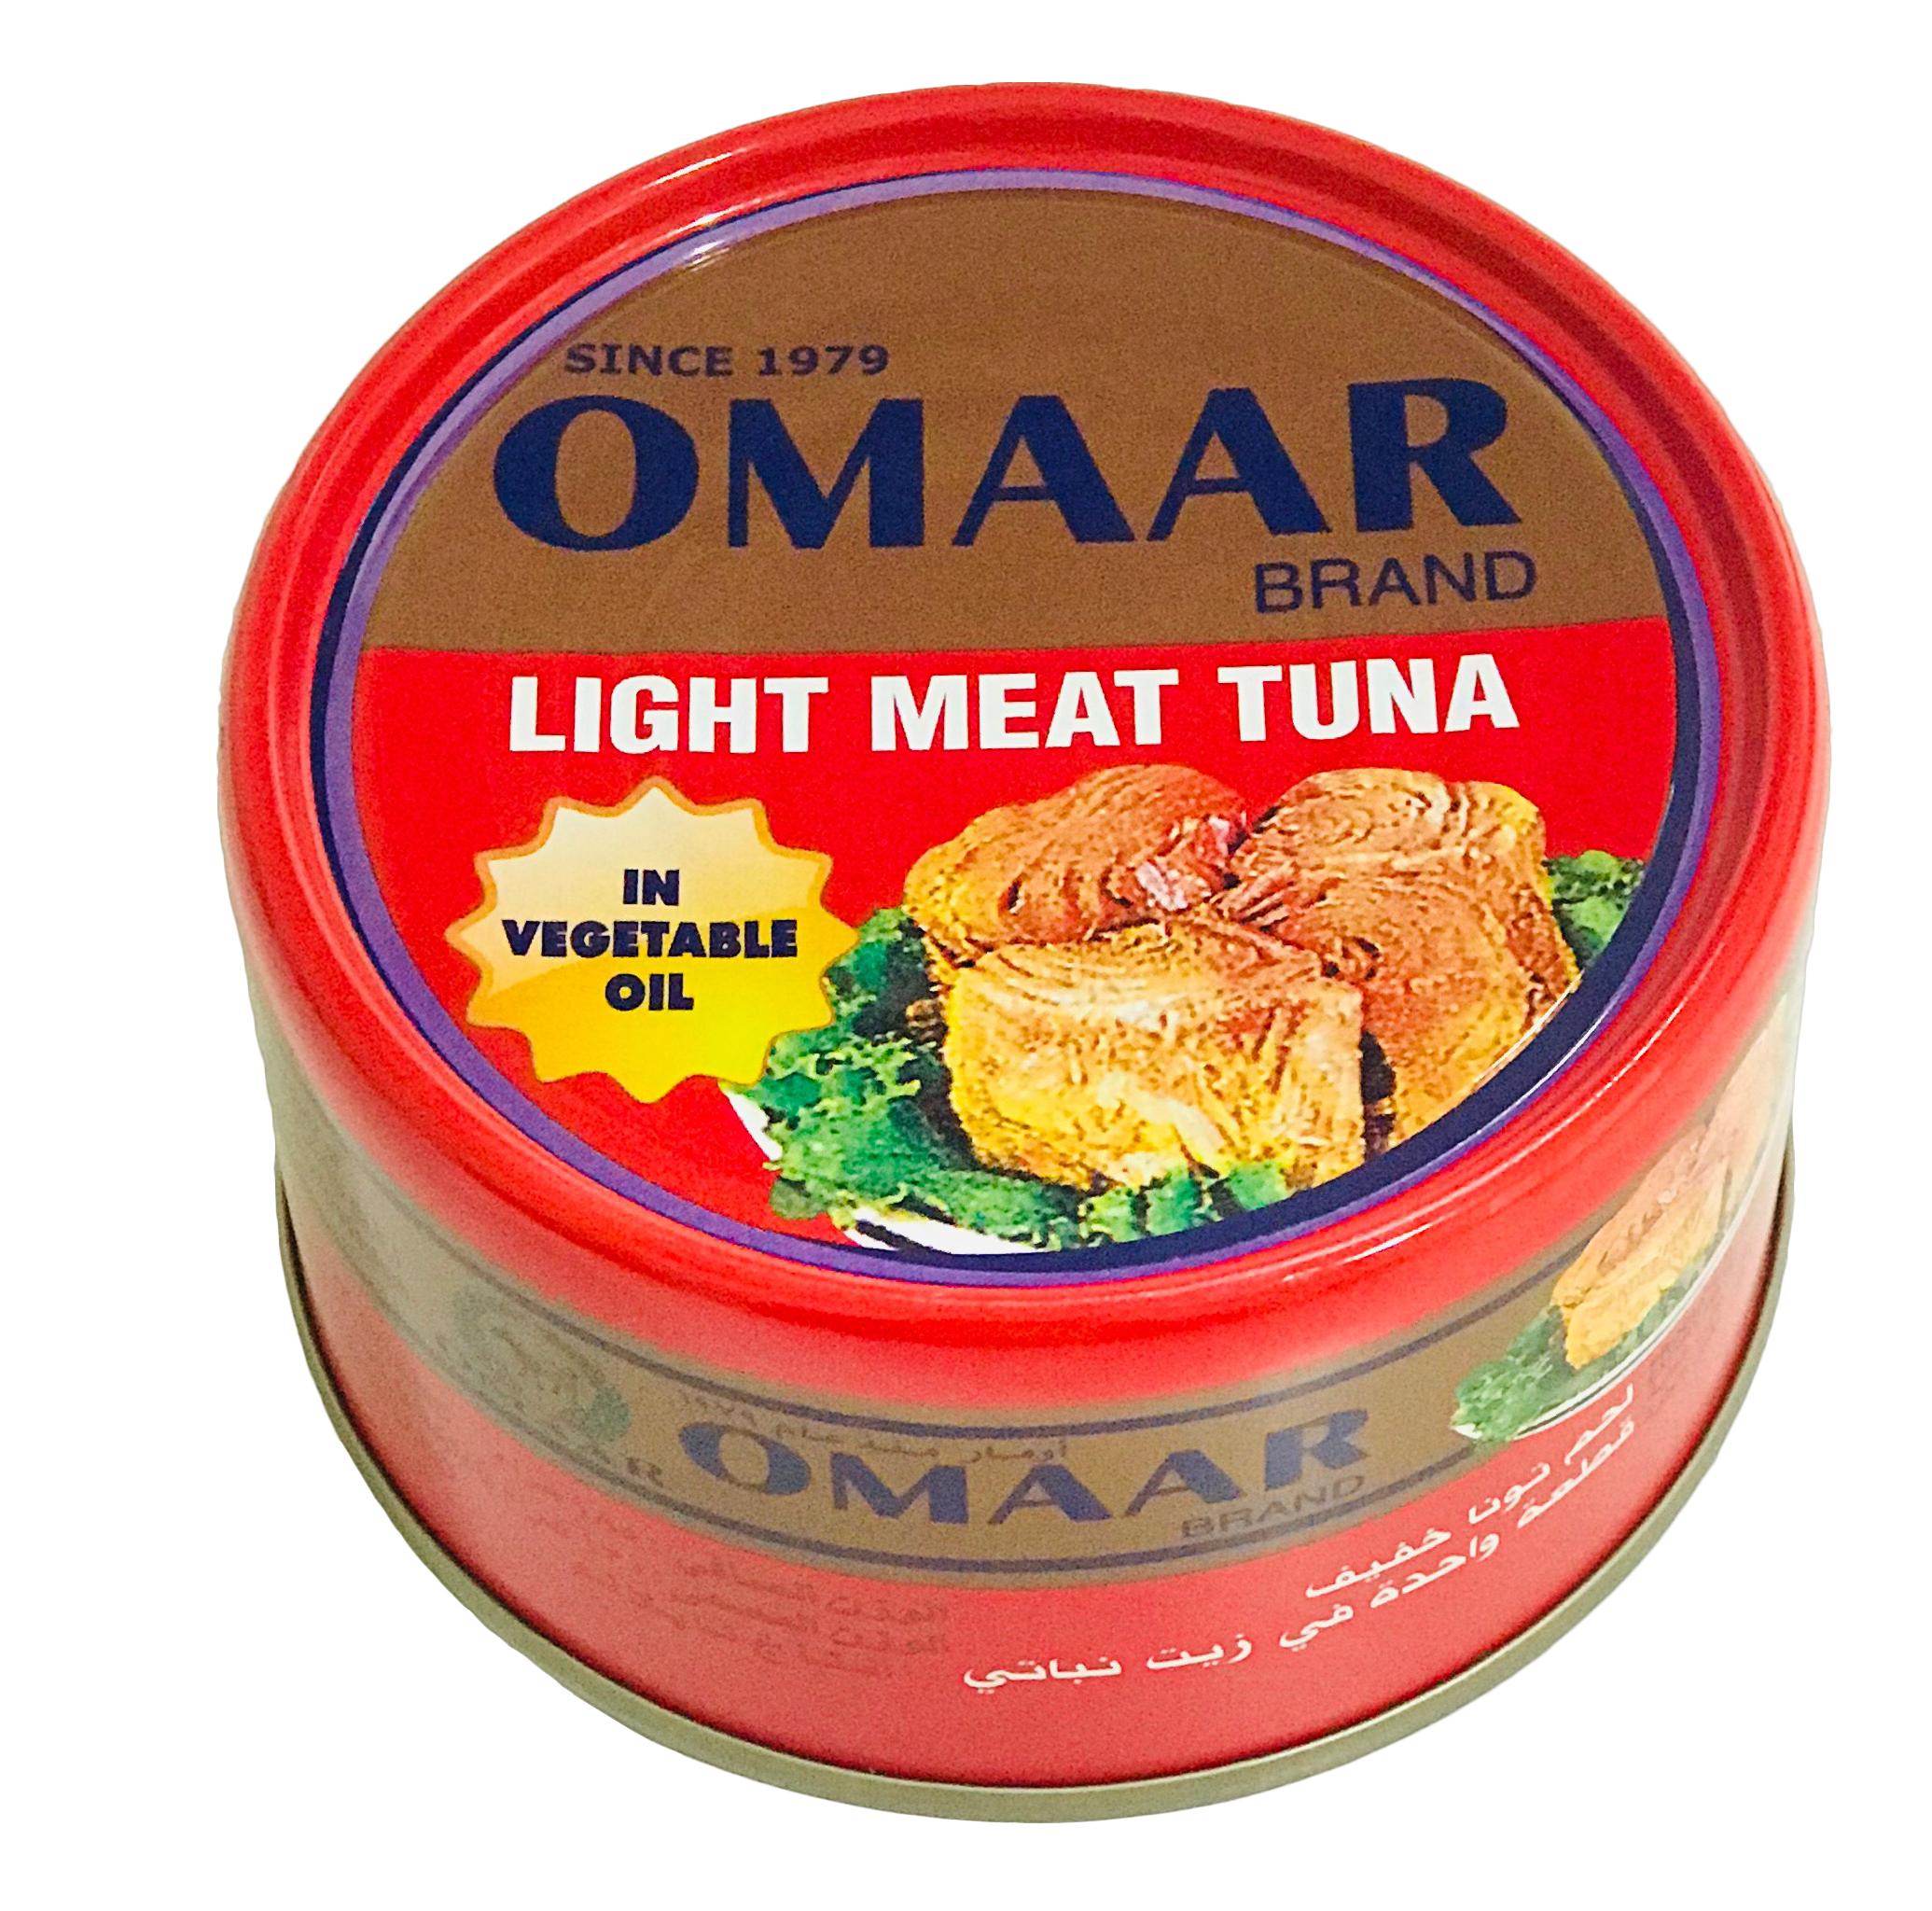 Omaar tuna